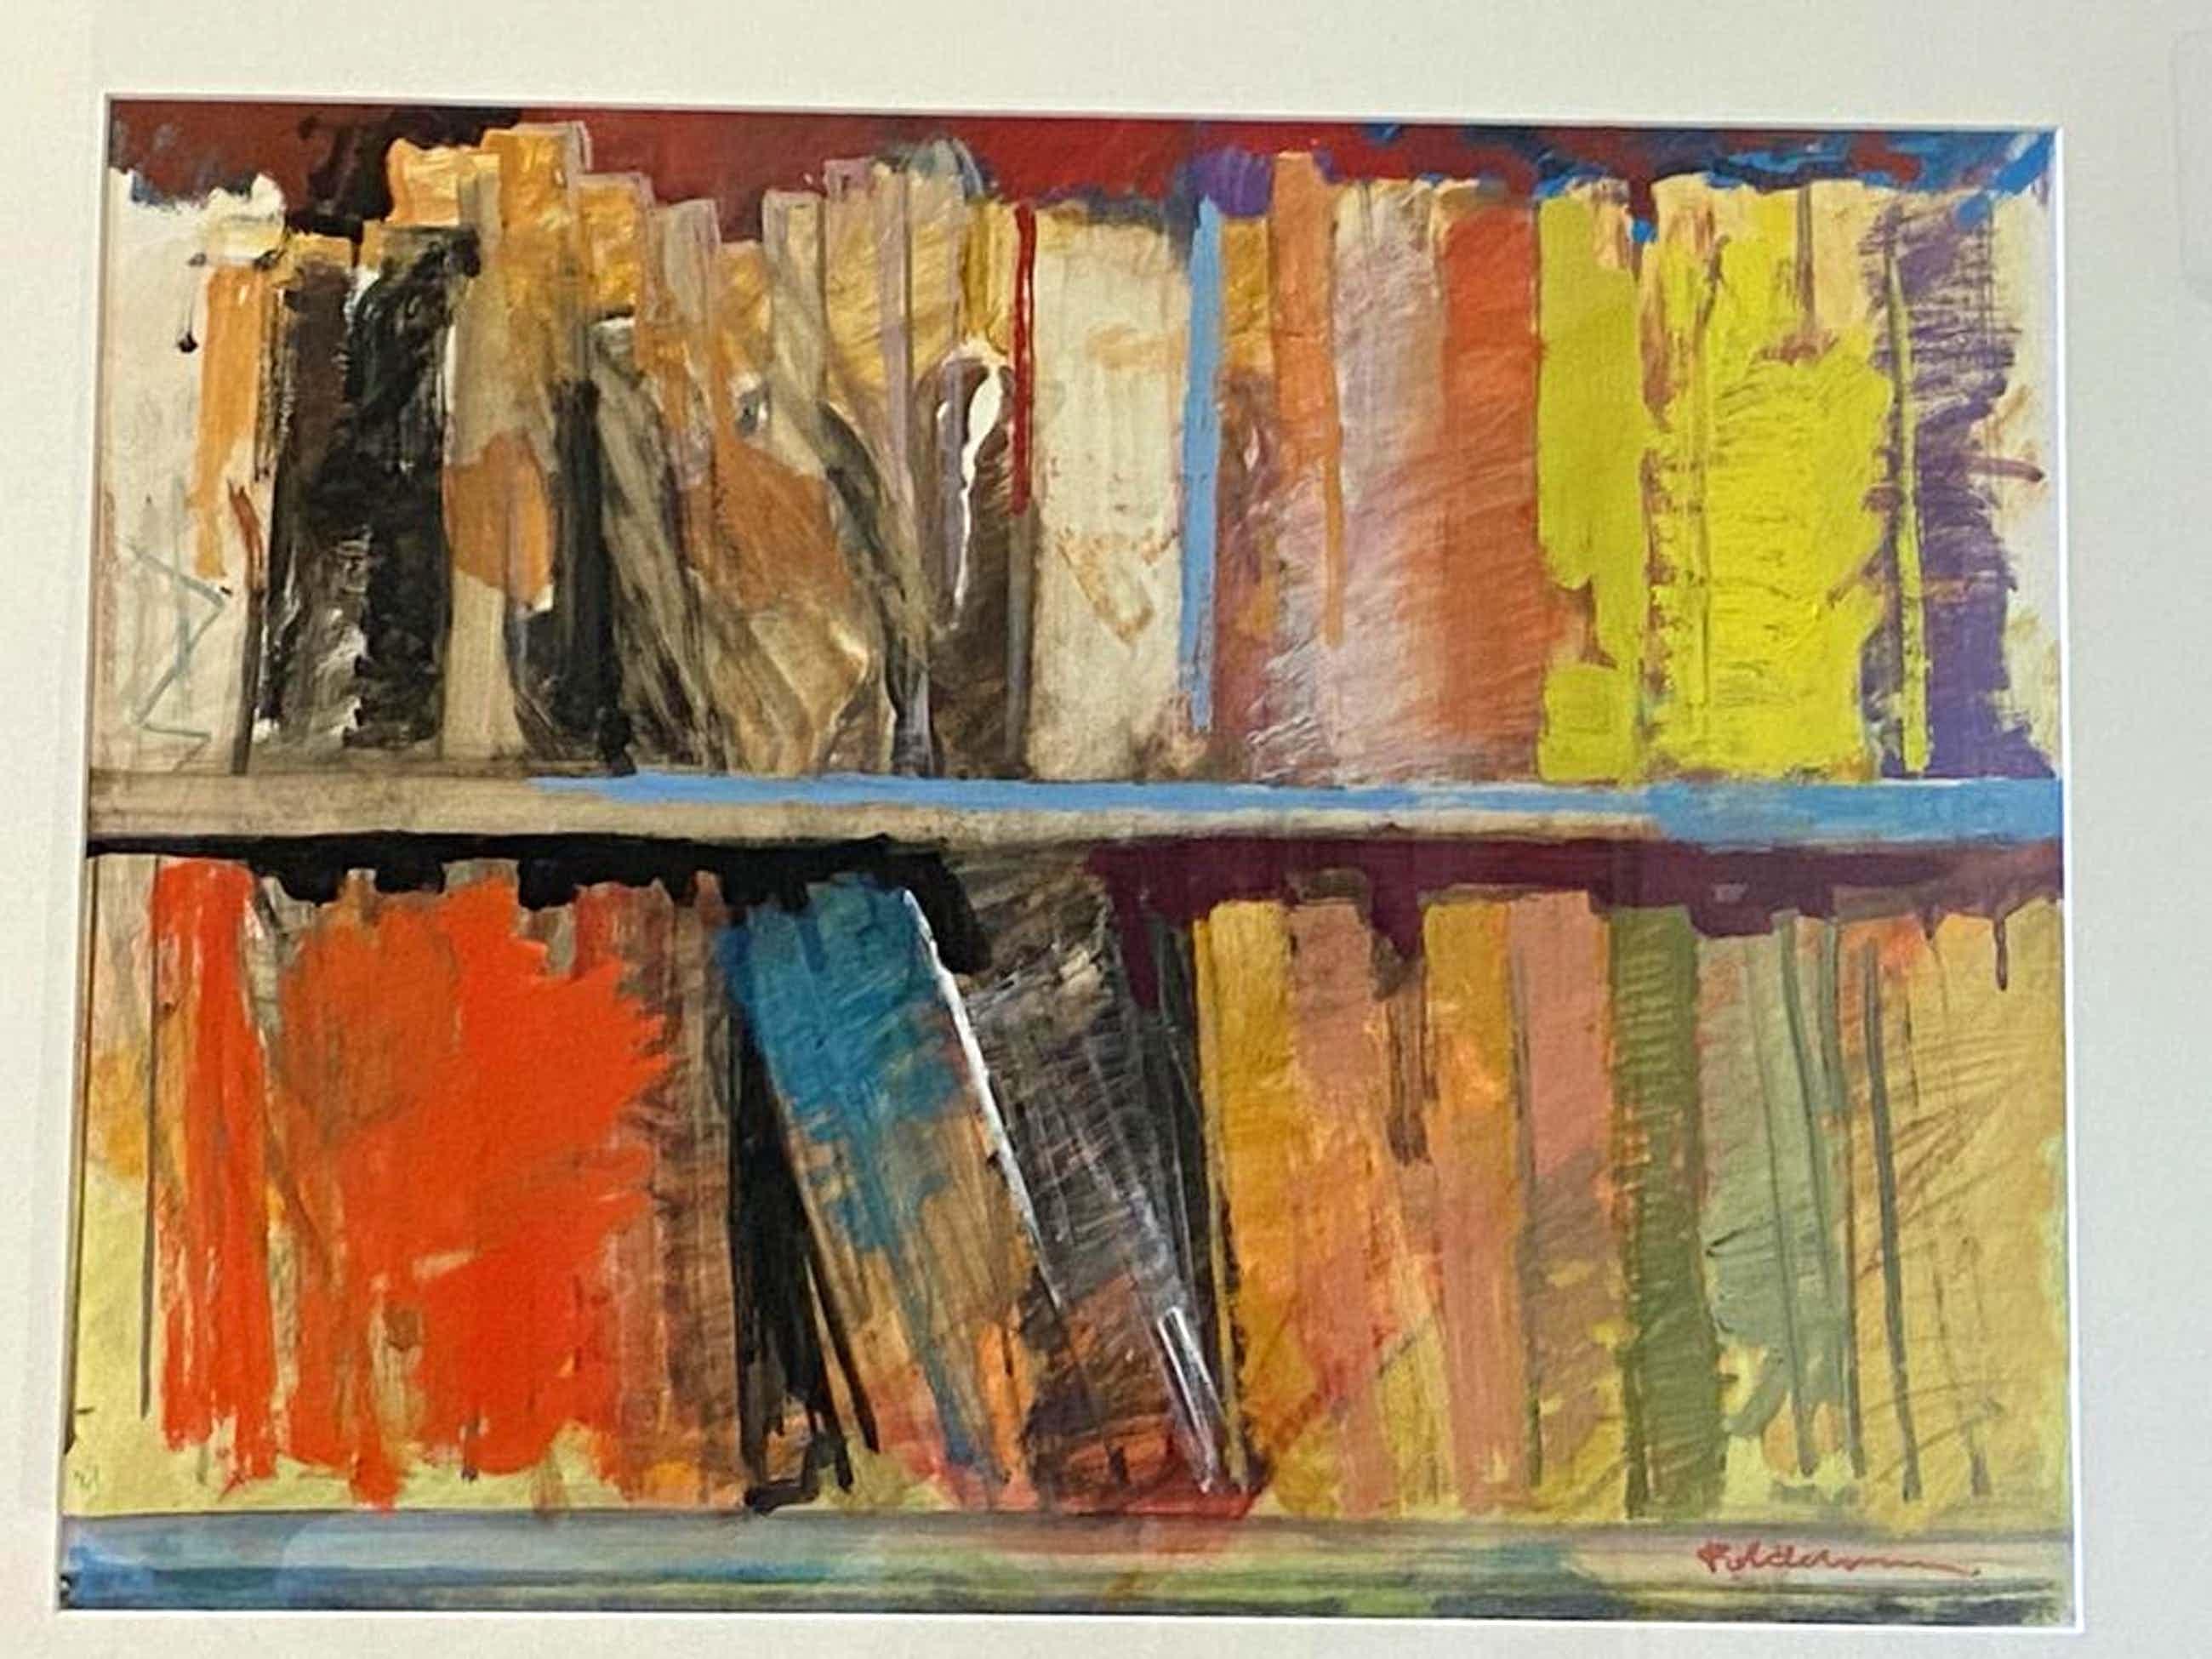 Peter Polderman - boekenkast kleurenstudie kopen? Bied vanaf 85!